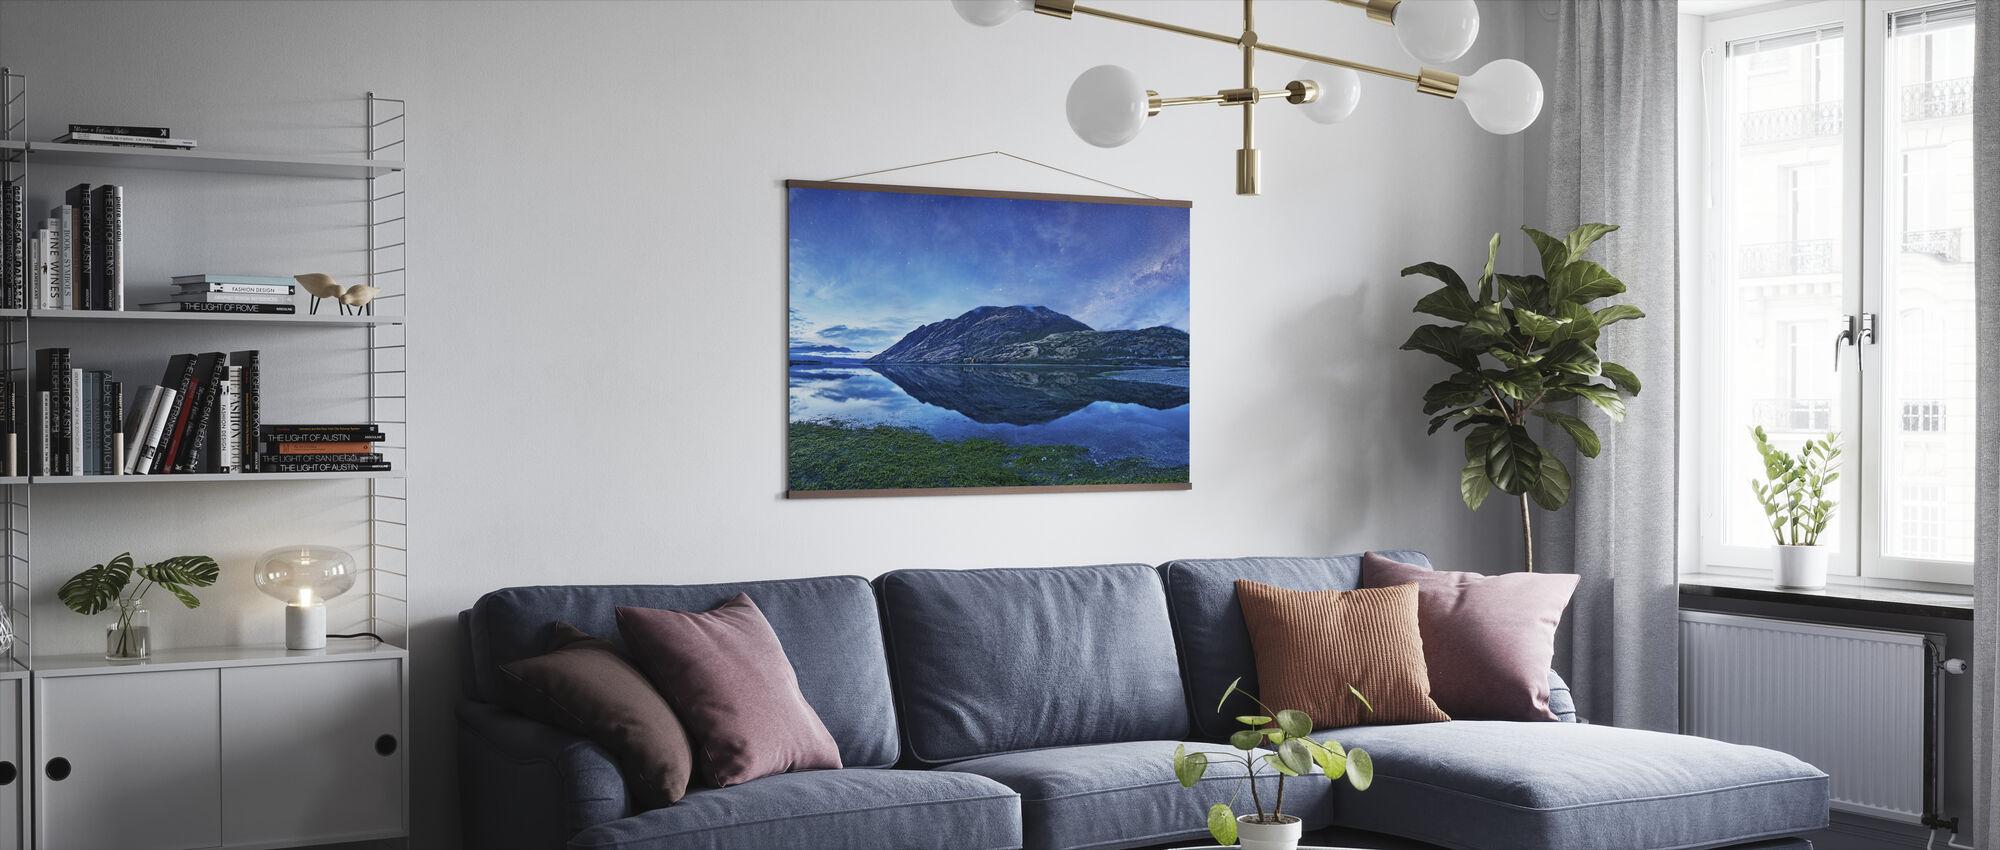 Hawea-meer, NZ - Poster - Woonkamer